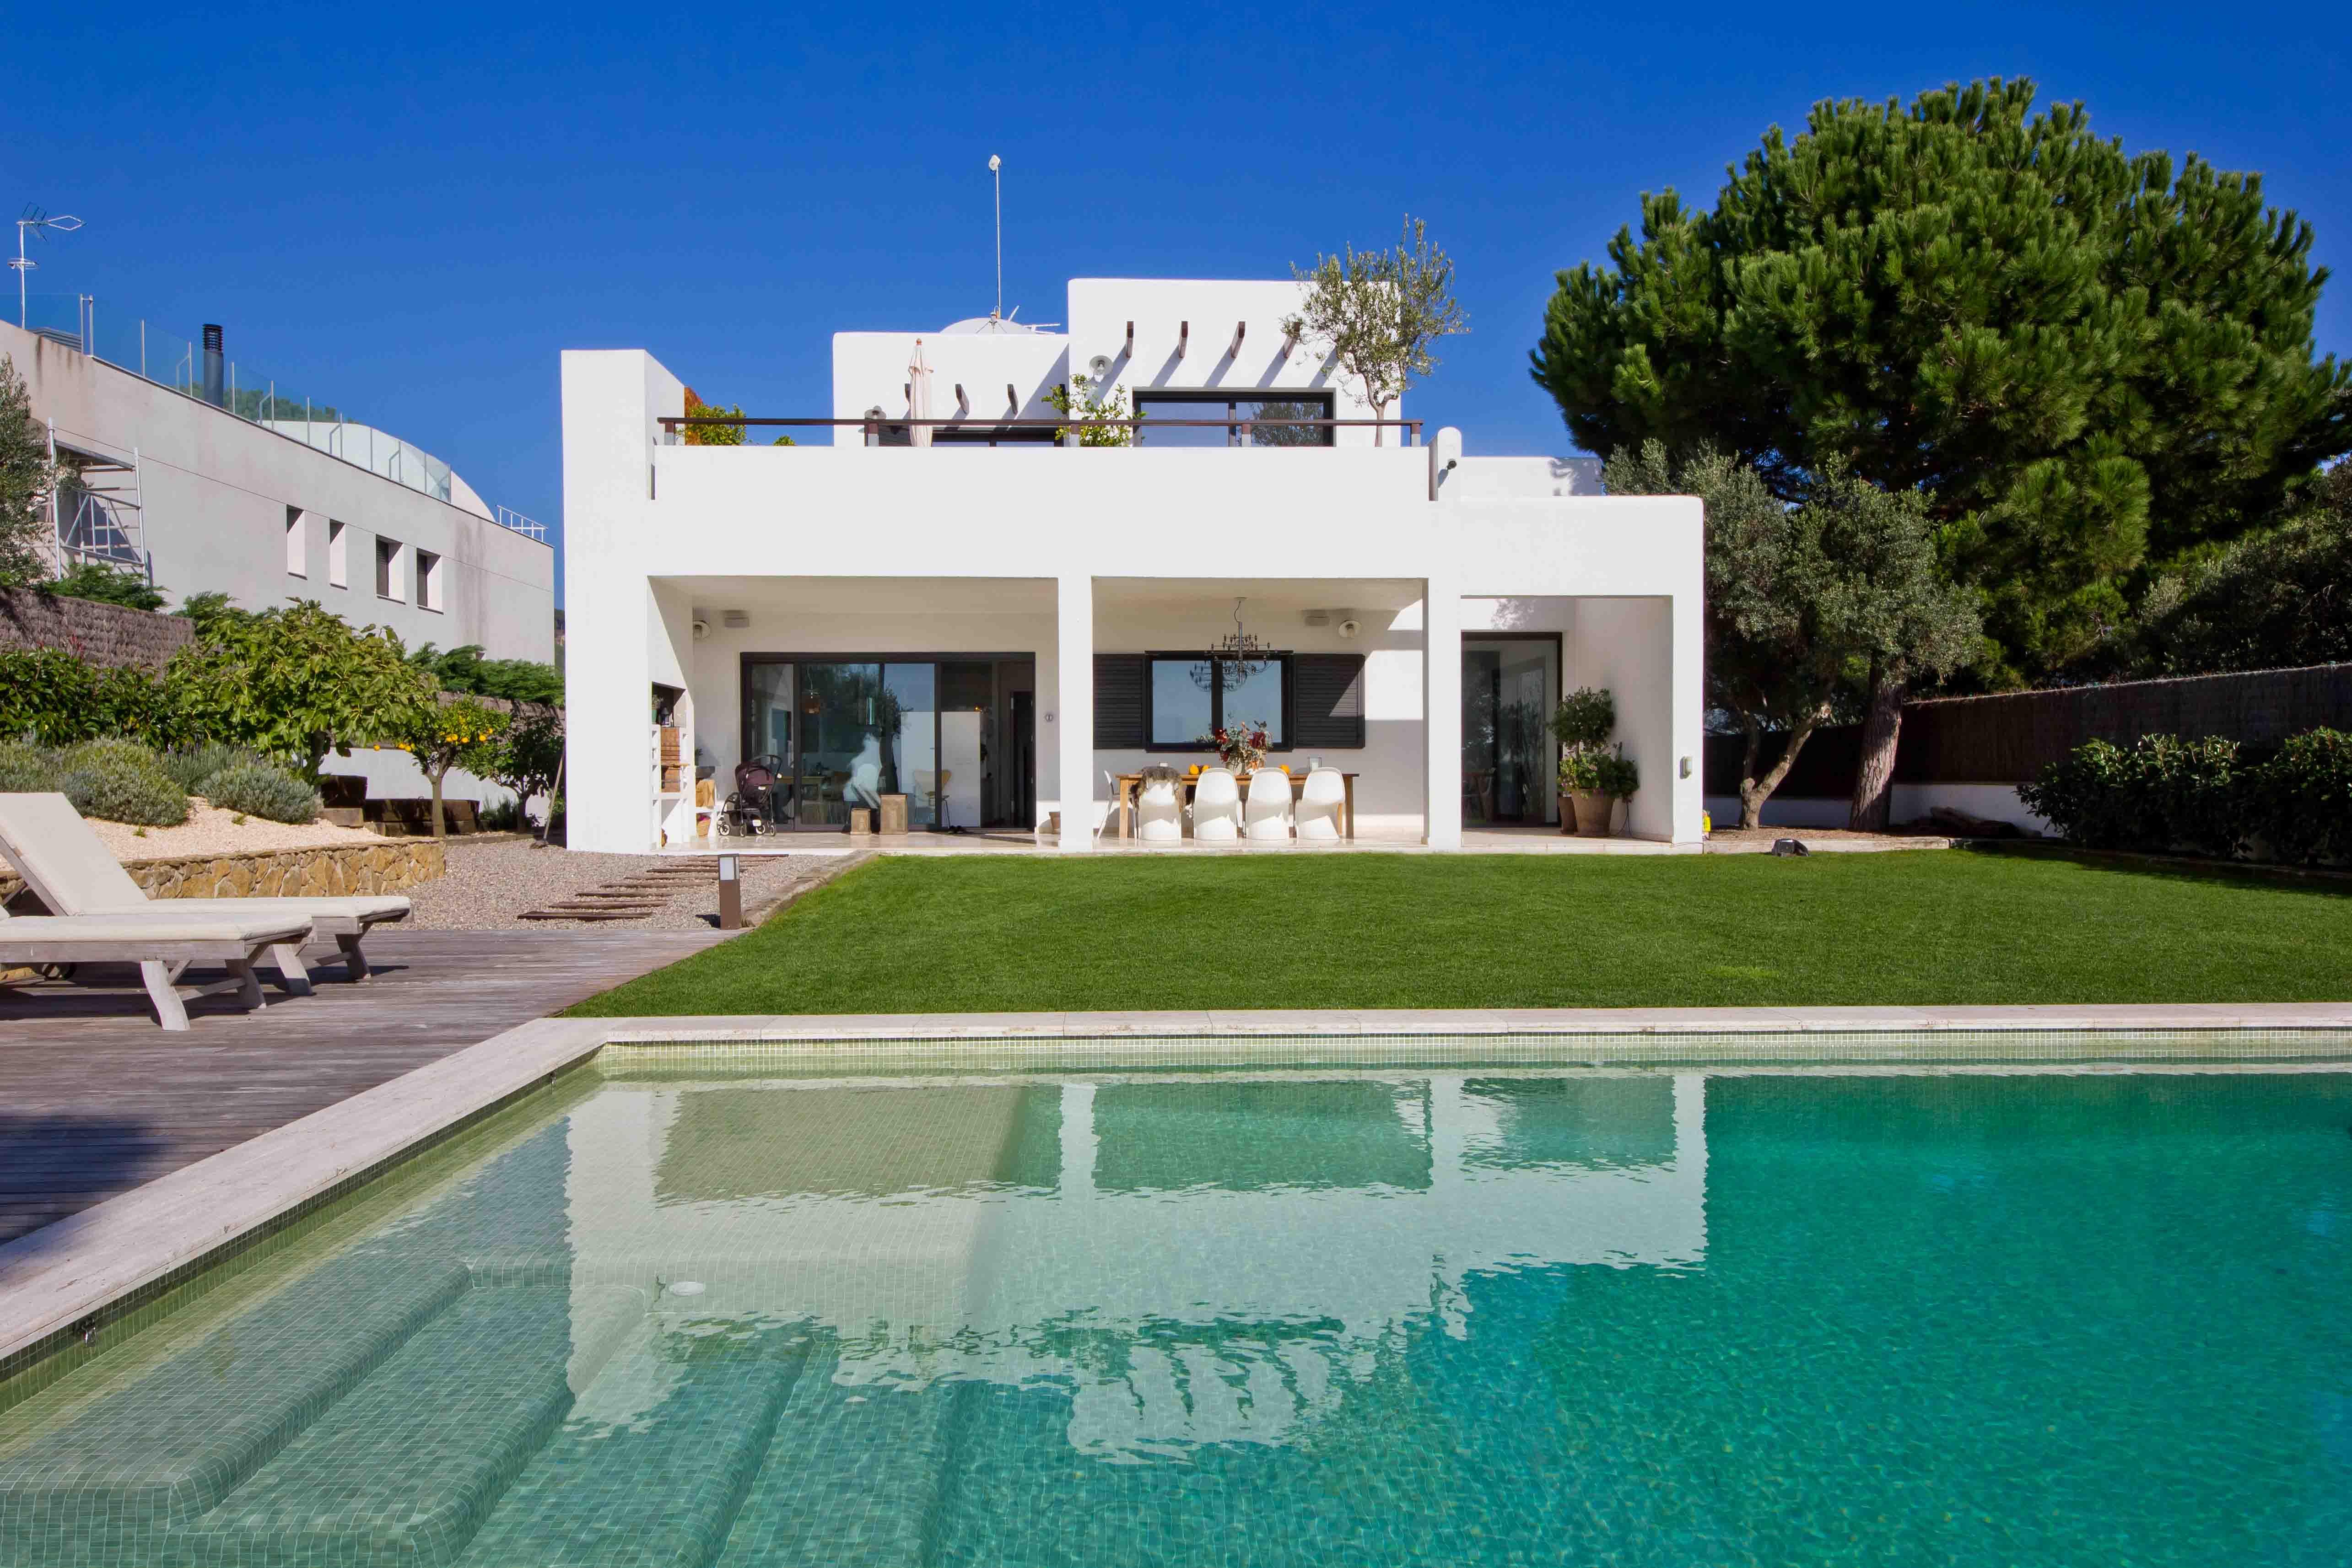 Llevas tiempo pensando en la casa de tus sueños... ¿La construimos?